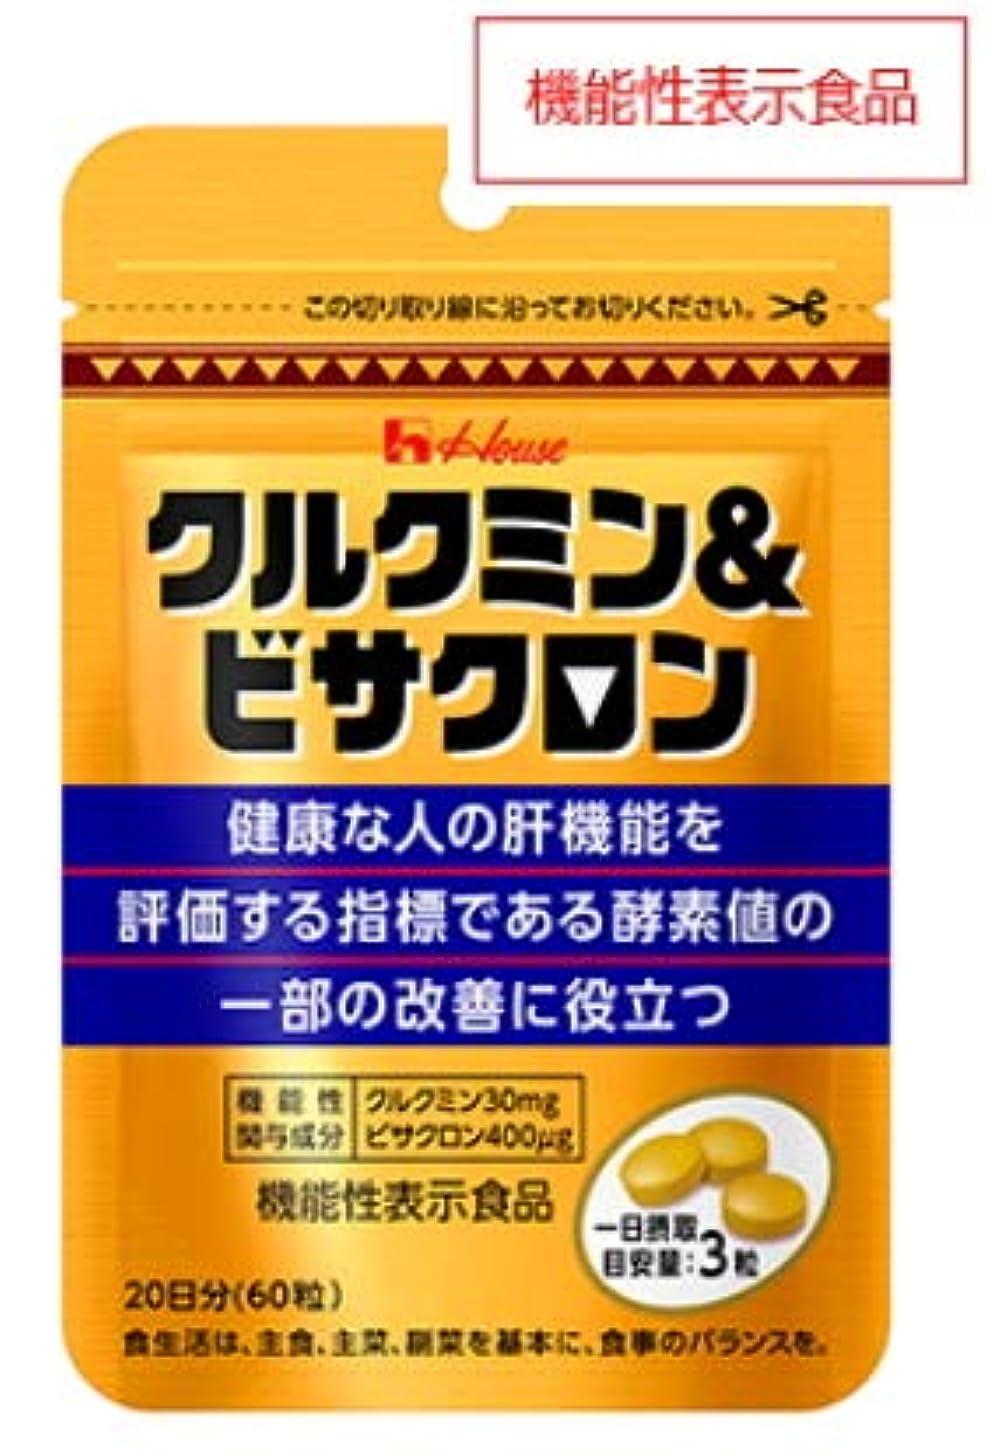 ペットフラップ制裁ハウス クルクミン&ビサクロン 60粒(20日分)2個セット【機能性表示食品】